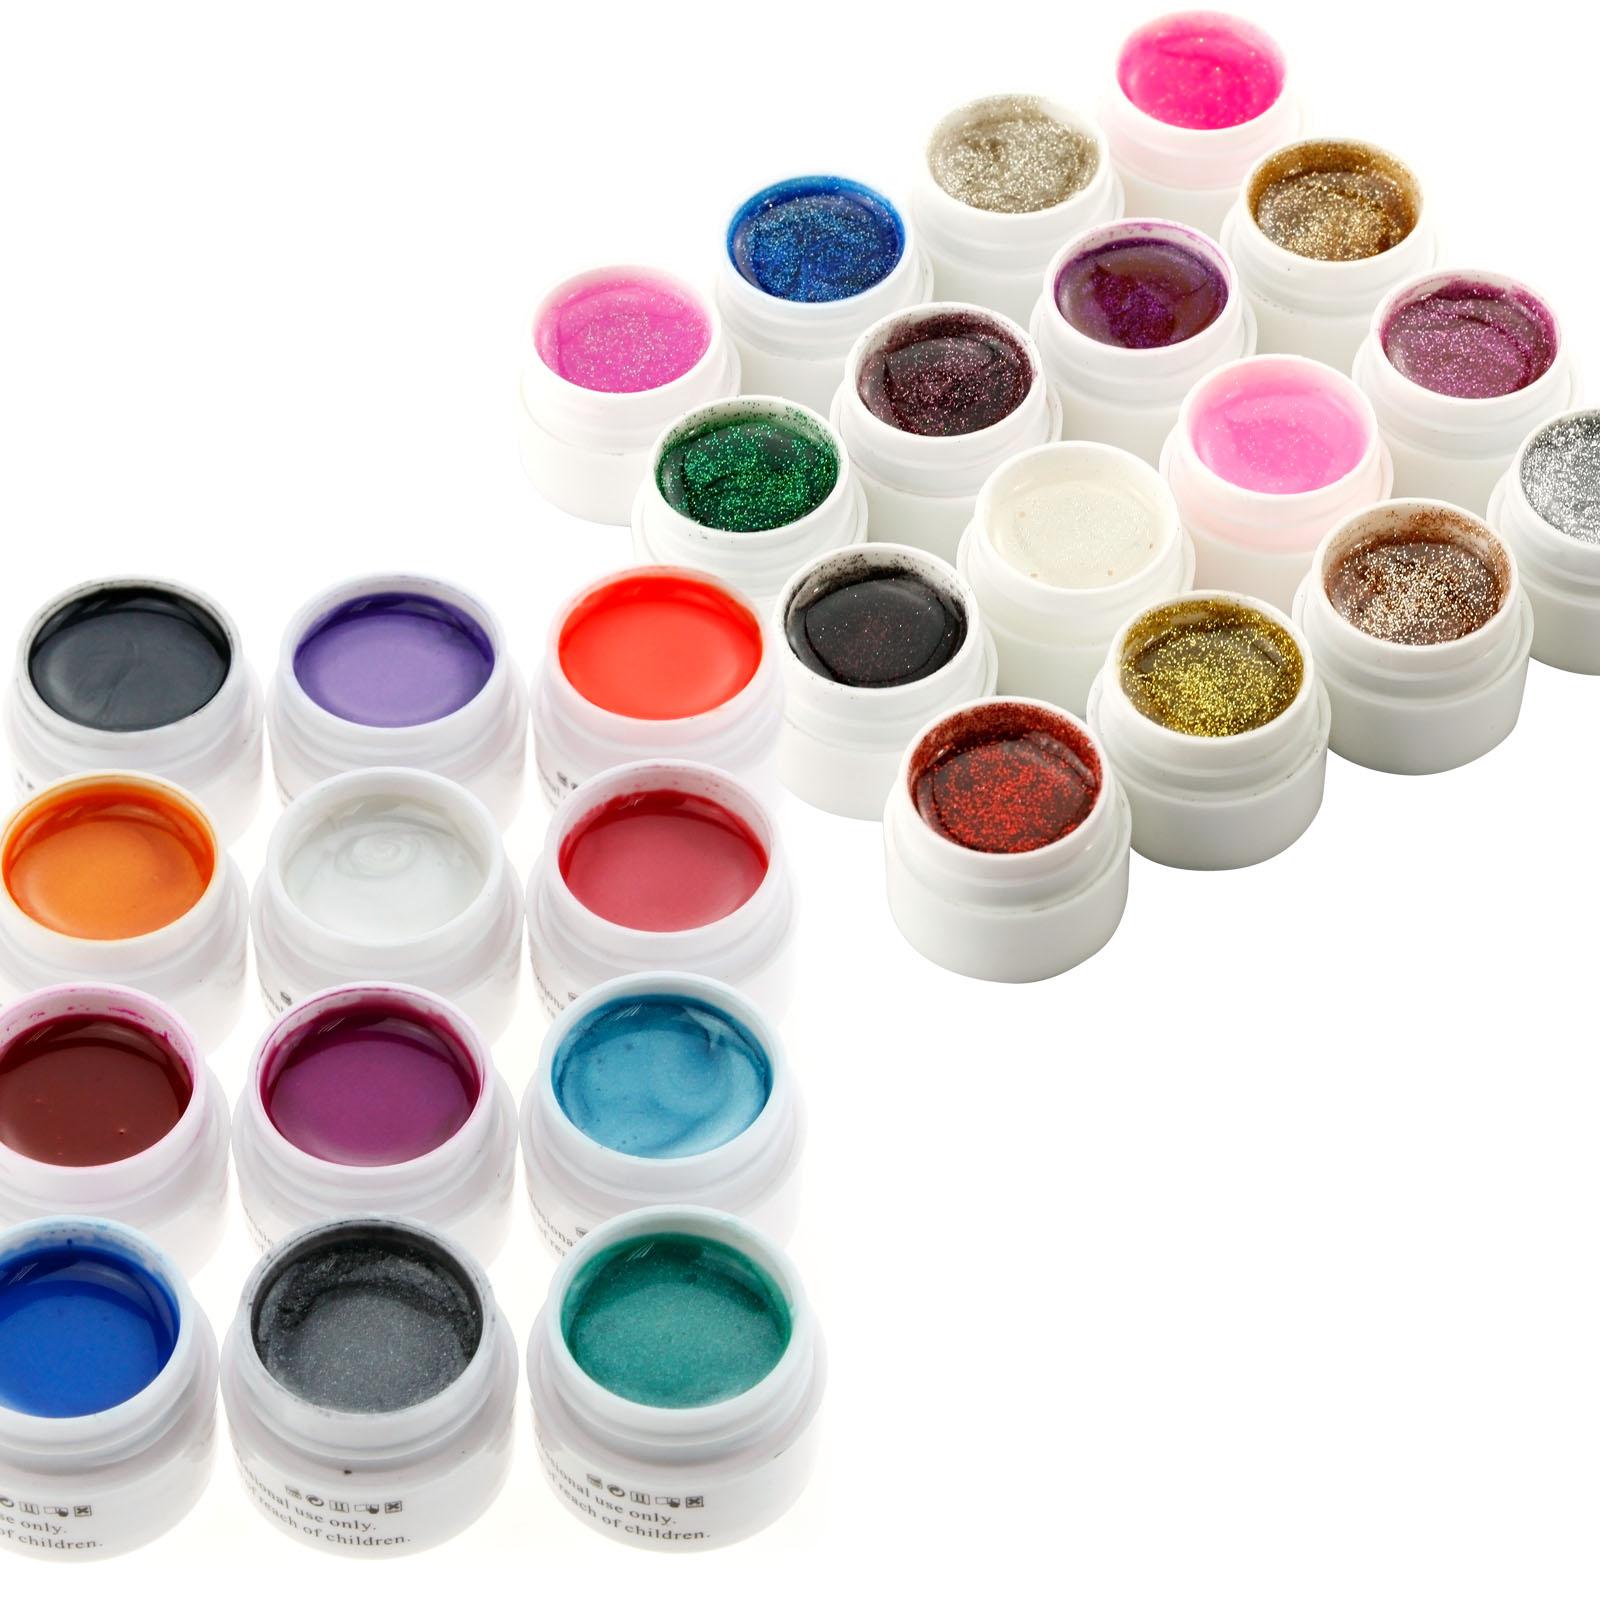 28 pots nail art uv builder uv gel glitter pearl color diy design gel set ebay. Black Bedroom Furniture Sets. Home Design Ideas